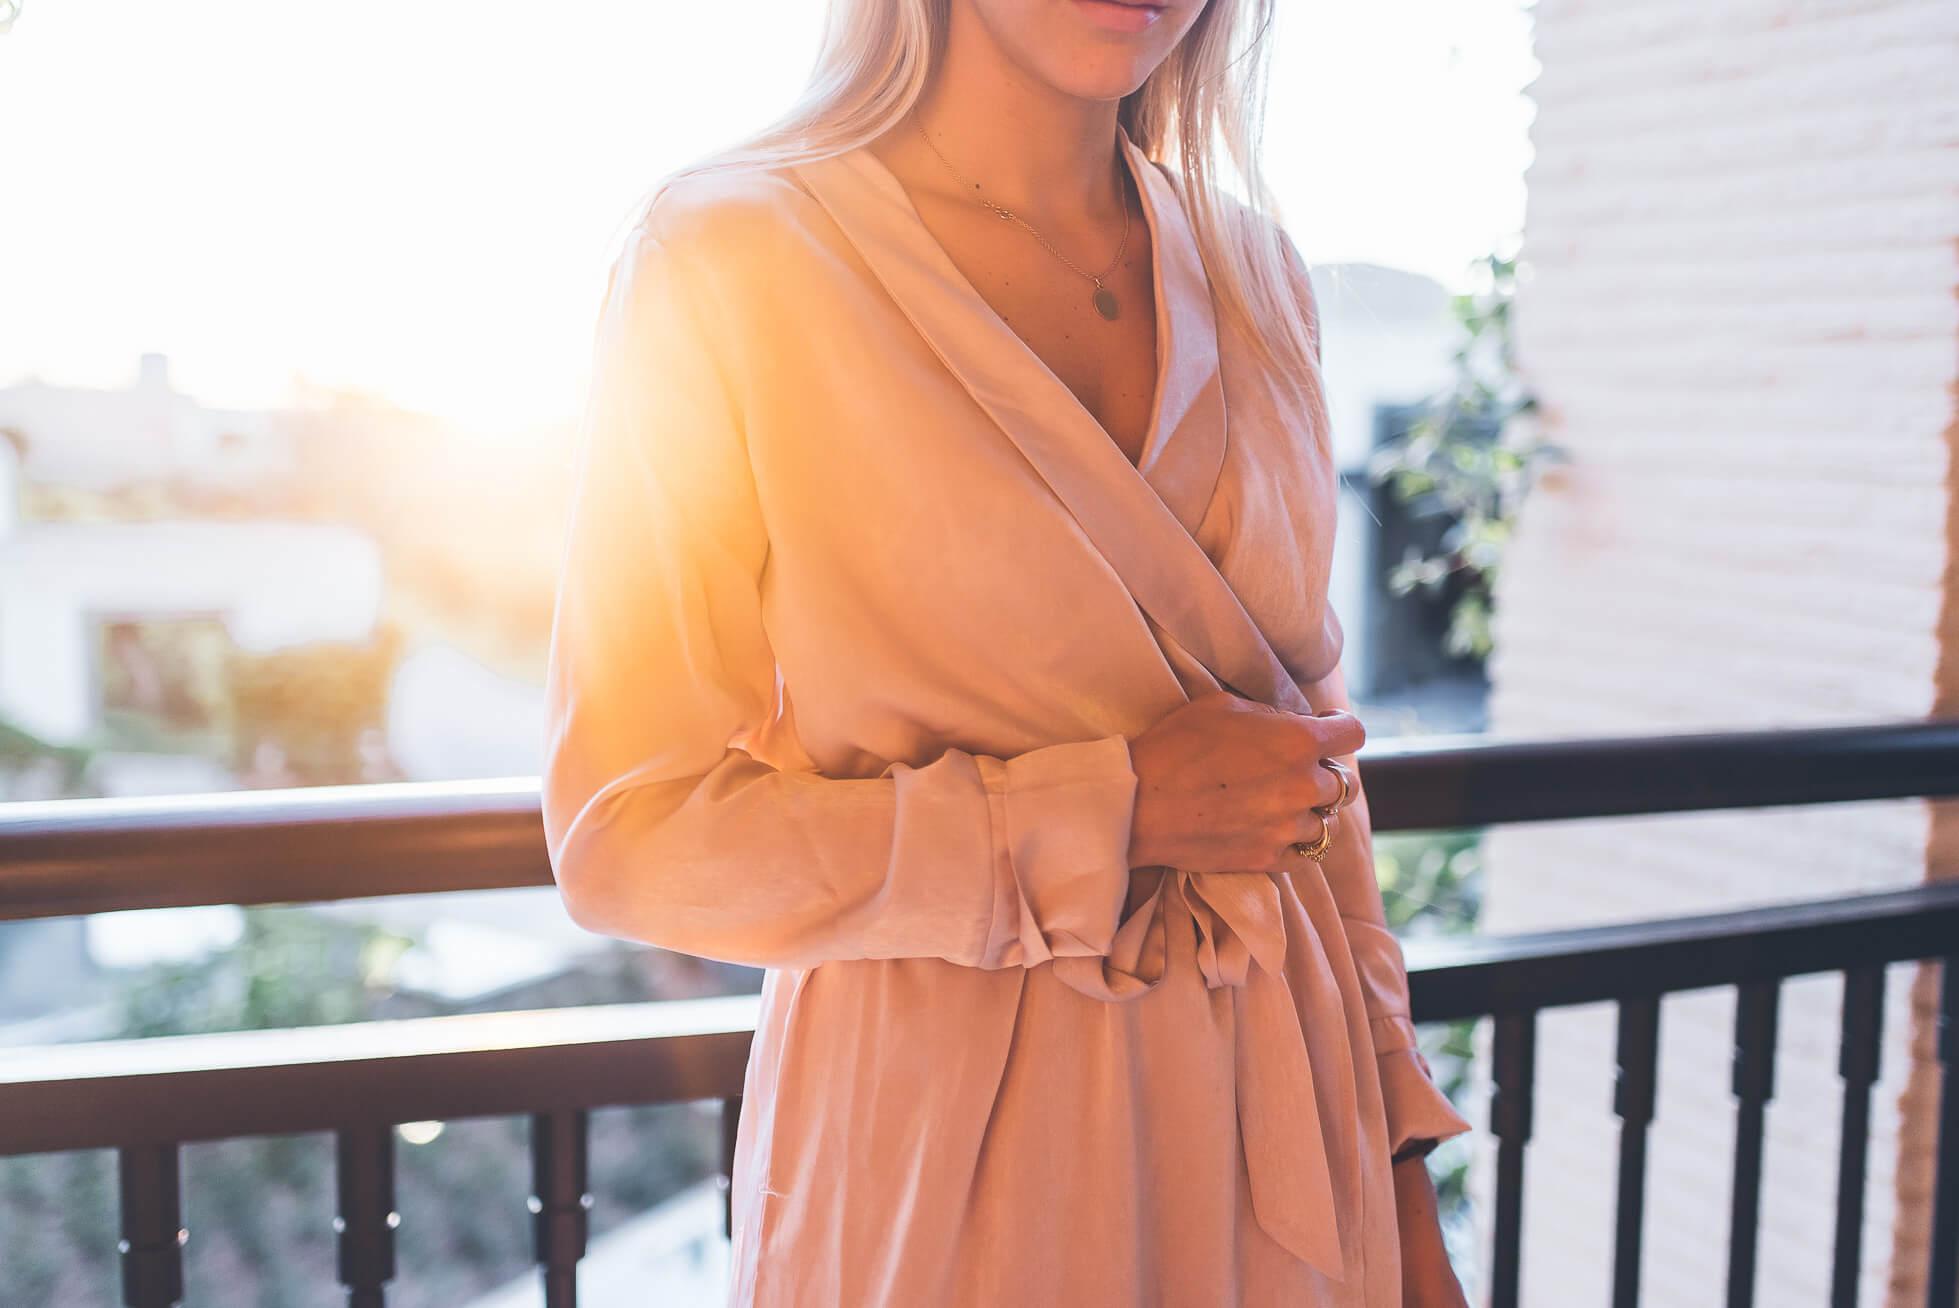 janni-deler-pink-silk-dressDSC_9635